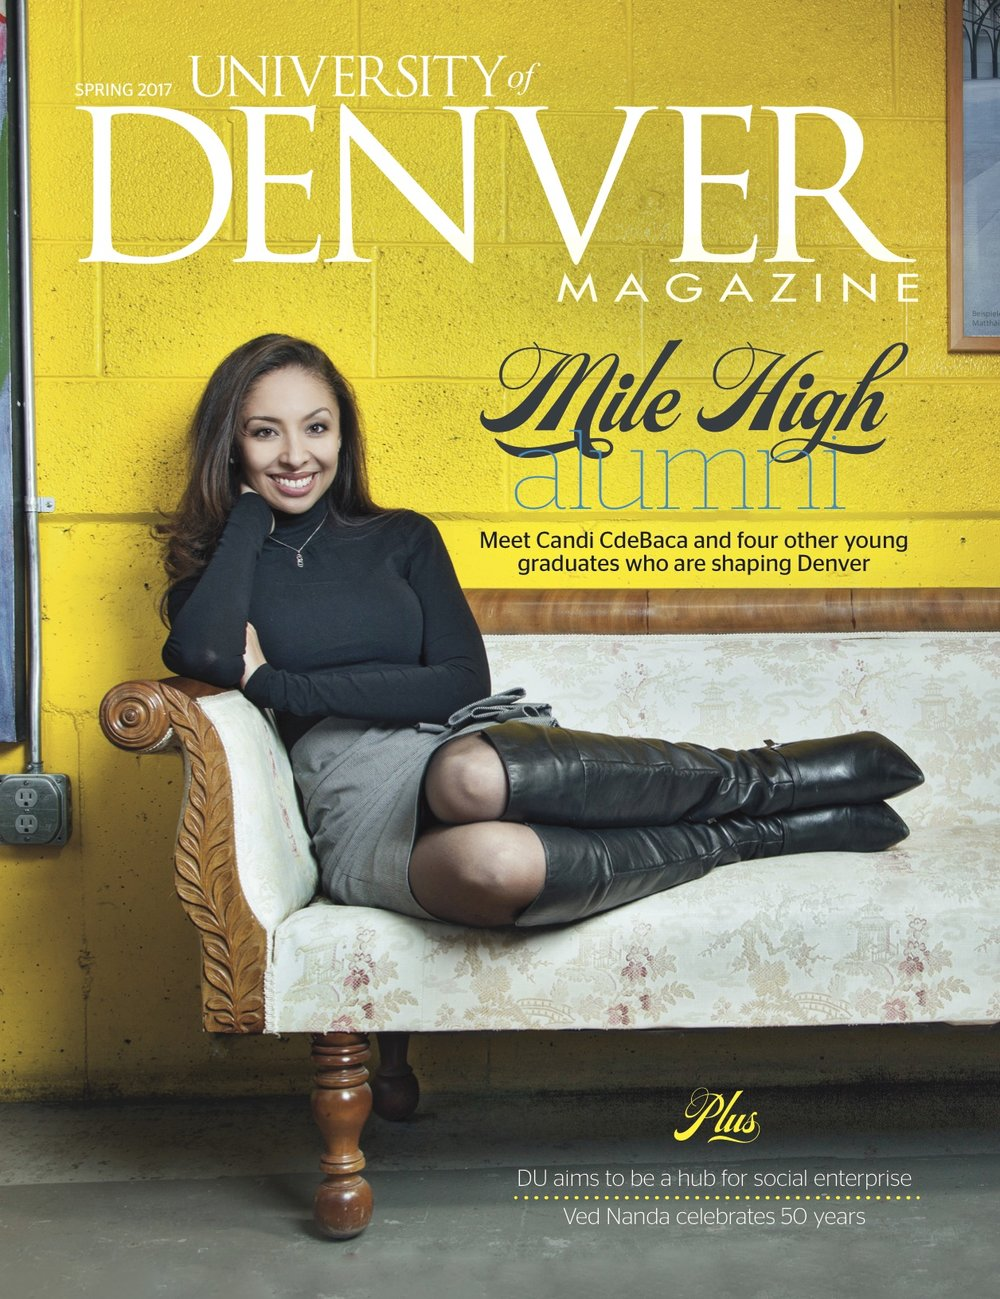 Alumnos que dan forma a Denver: Candi CdeBaca, Proyecto VOYCE - Denver se ha convertido en uno de los últimos años, ganando una reputación como un semillero para la tecnología, las artes, los restaurantes, la cerveza artesanal, el espíritu empresarial y una población milenaria comprometida.Así como DU ha ayudado a dar forma a Denver en los últimos 150 años, la Universidad tiene una gran influencia en la última encarnación de la ciudad. Aquí hay cinco alumnos que ayudan a impulsar la ciudad social, económica y culturalmente.